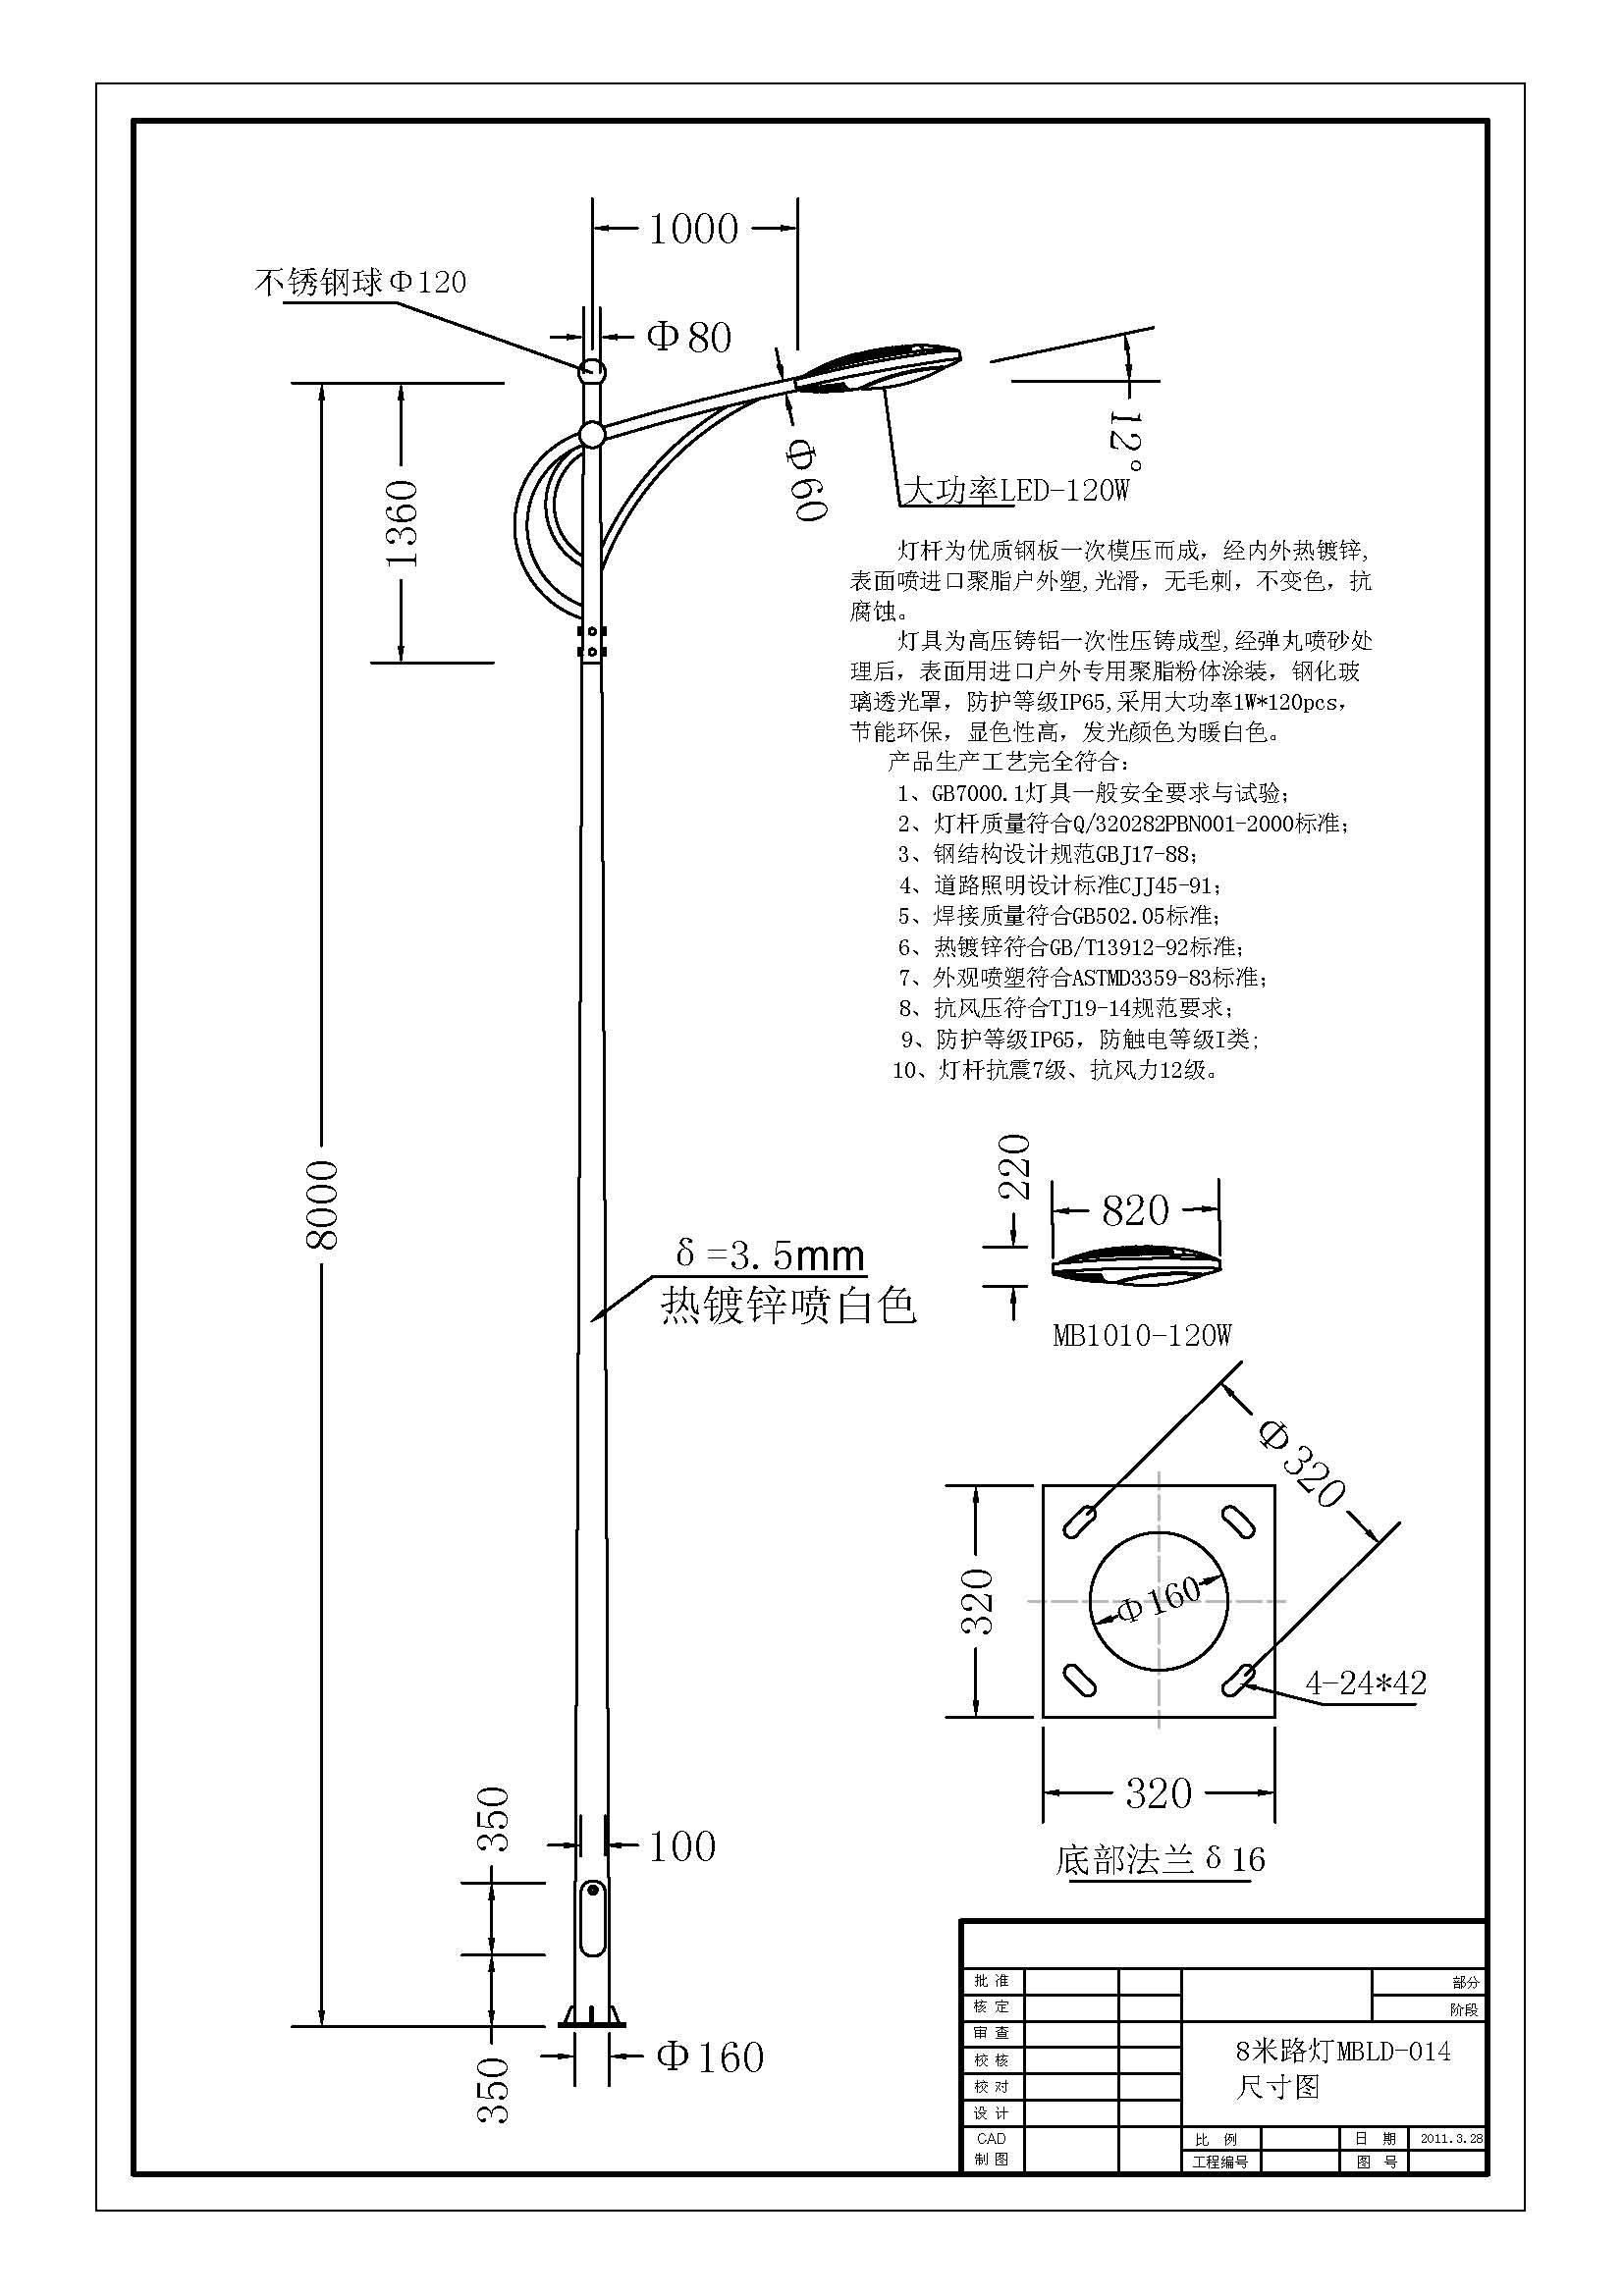 乐山三禾驾校科目2考场图_驾校路灯平面图_平面设计图